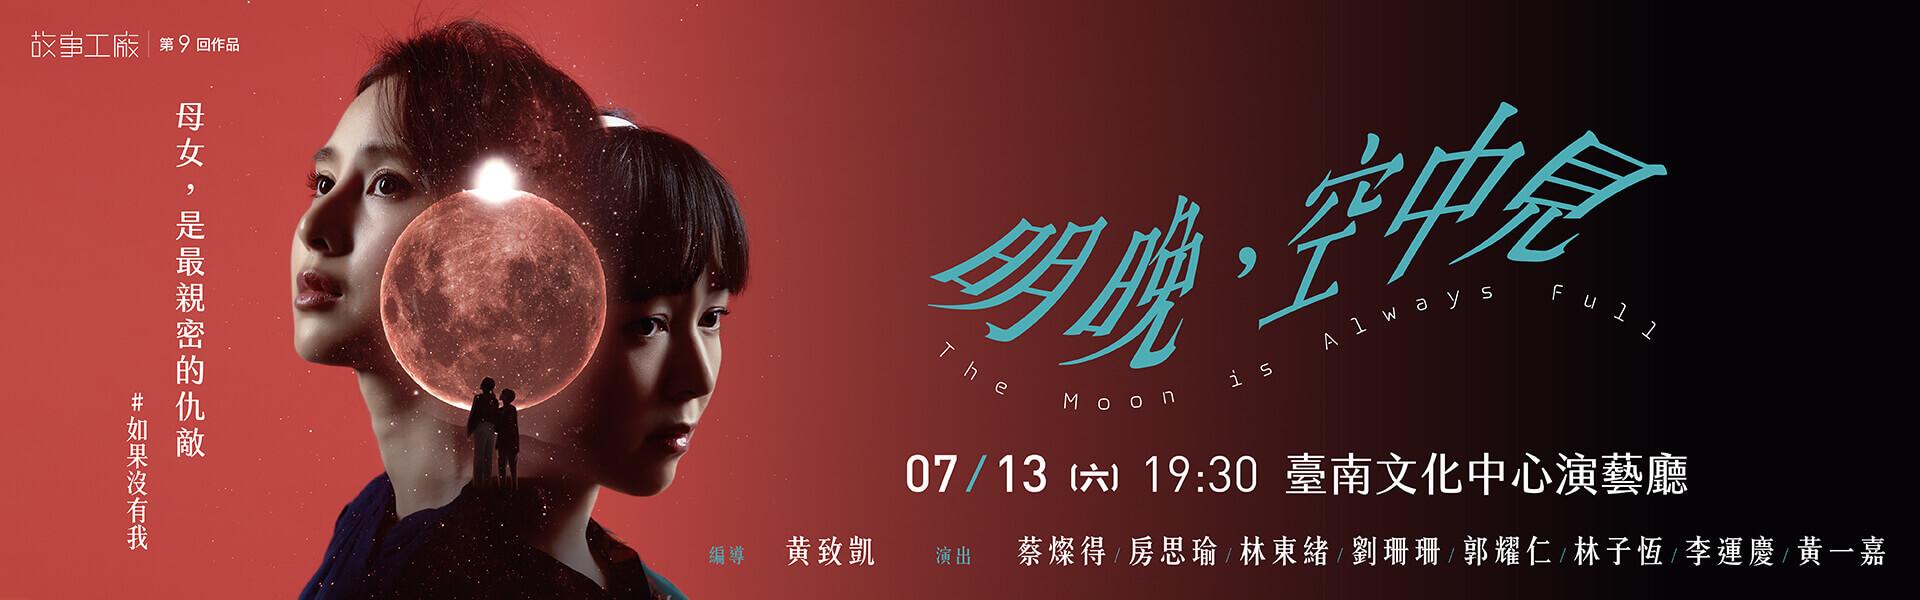 明晚空中見-臺南文化中心網站banner